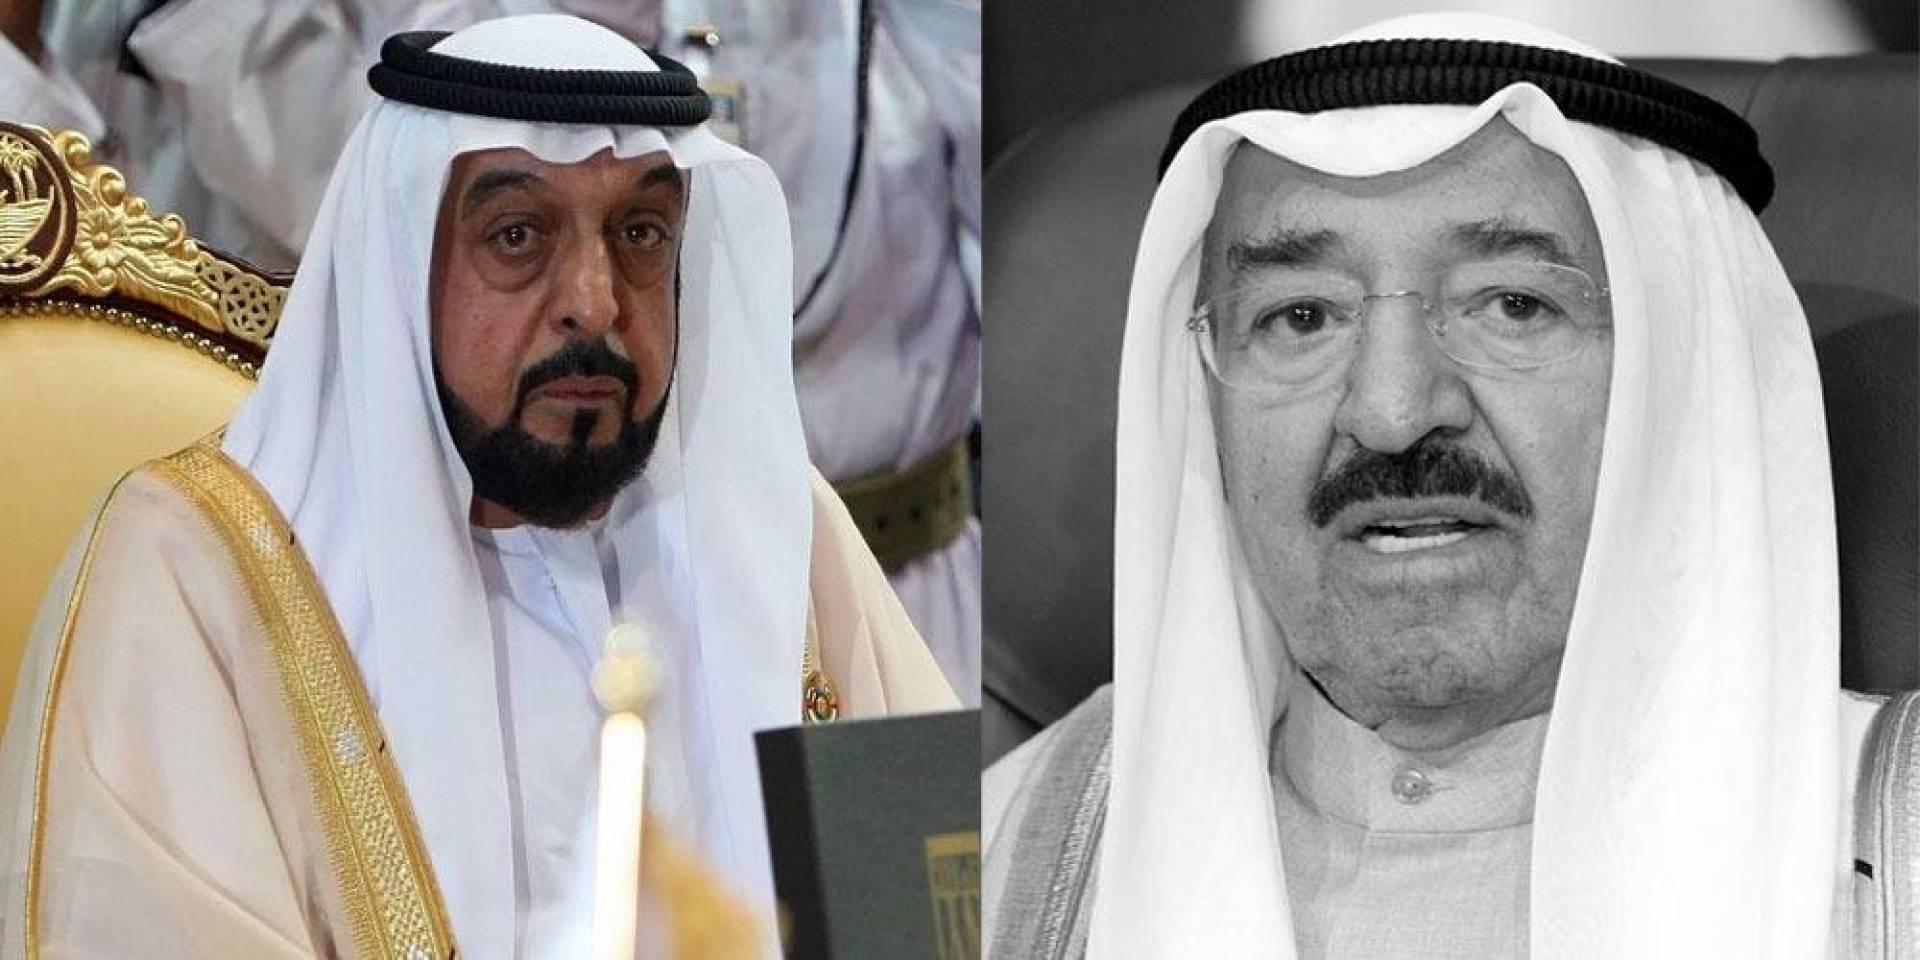 رئيس الإمارات ينعى سمو الأمير ويعلن الحداد وتنكيس الأعلام 3 أيام